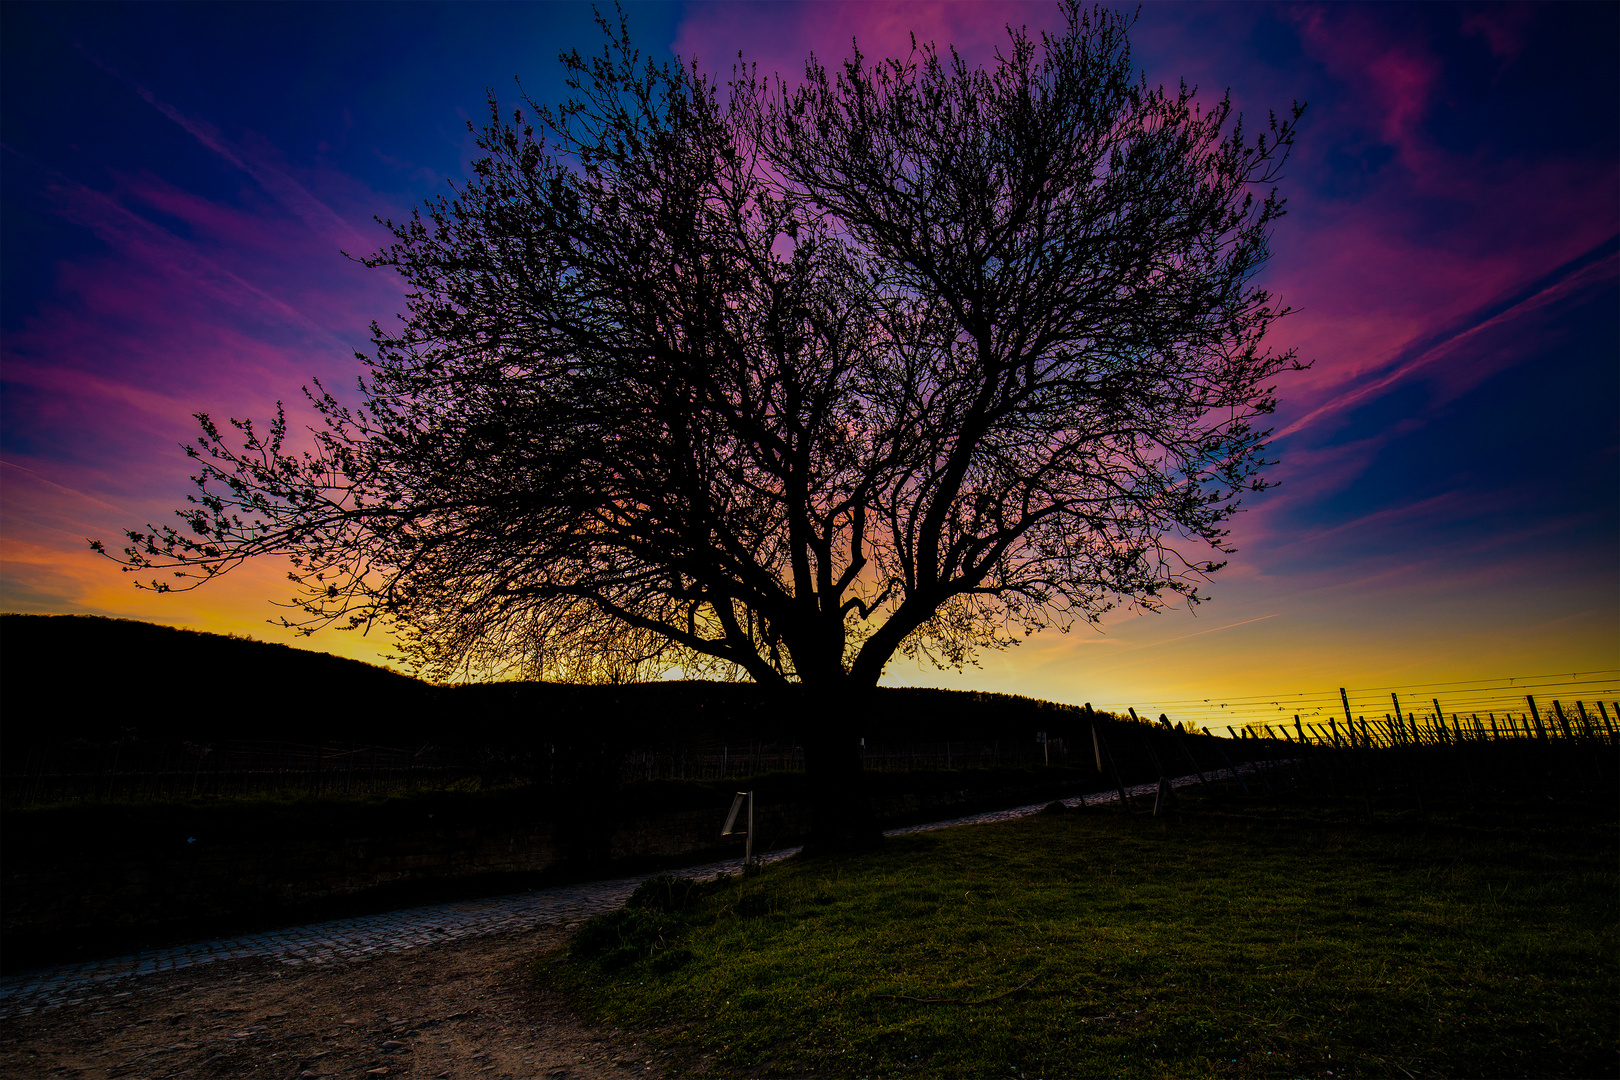 Jesuitenmandel_Sonnenuntergang